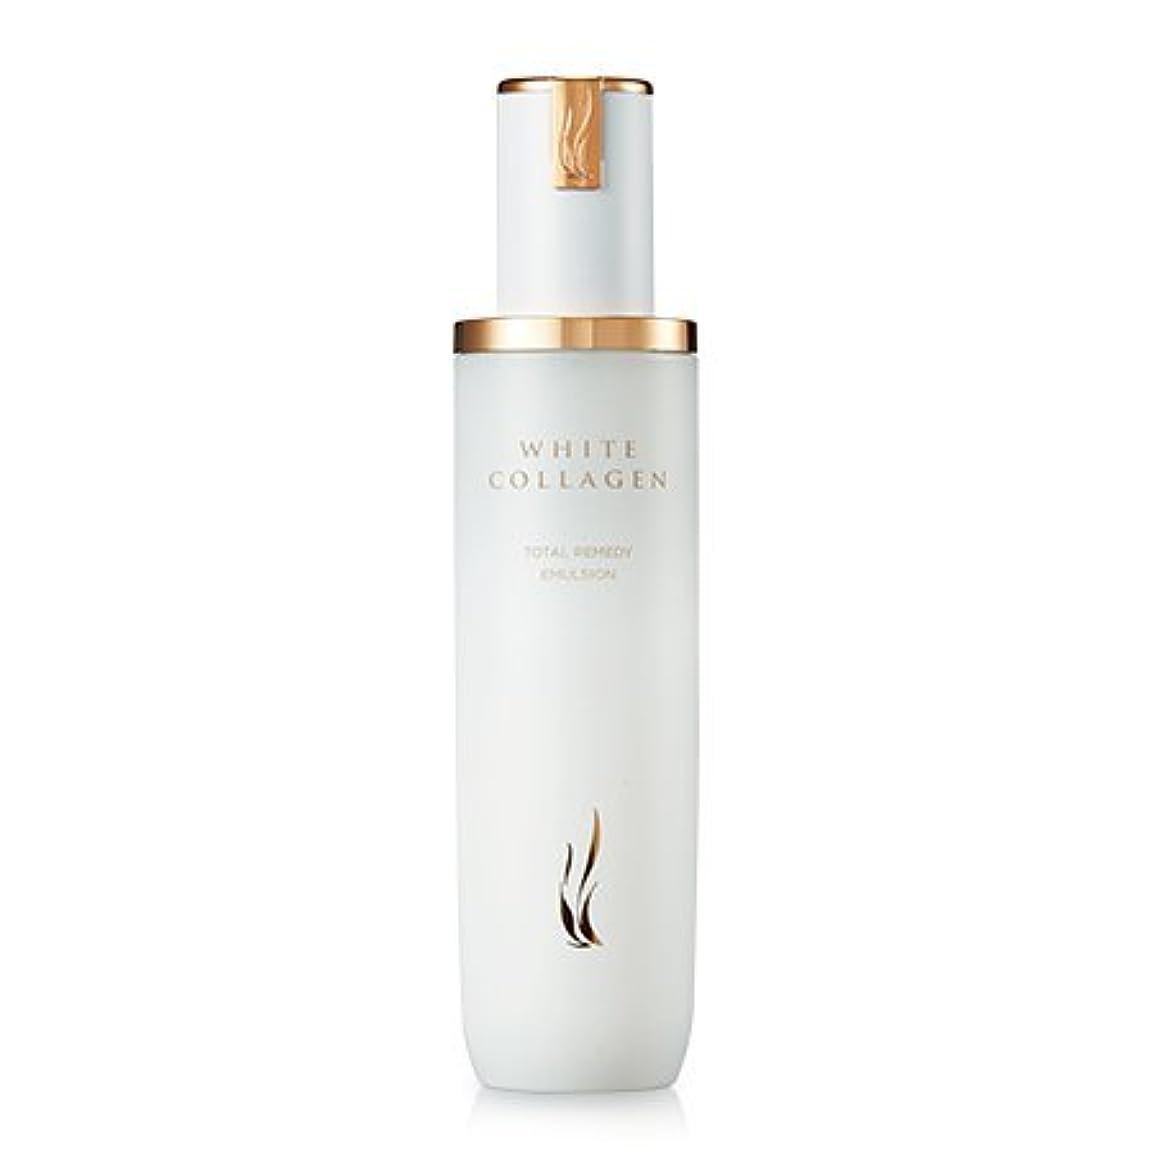 パン屋悲観主義者伴う[New] A.H.C (AHC) White Collagen Total Remedy Emulsion 130ml/A.H.C ホワイト コラーゲン トータル レミディ エマルジョン 130ml [並行輸入品]